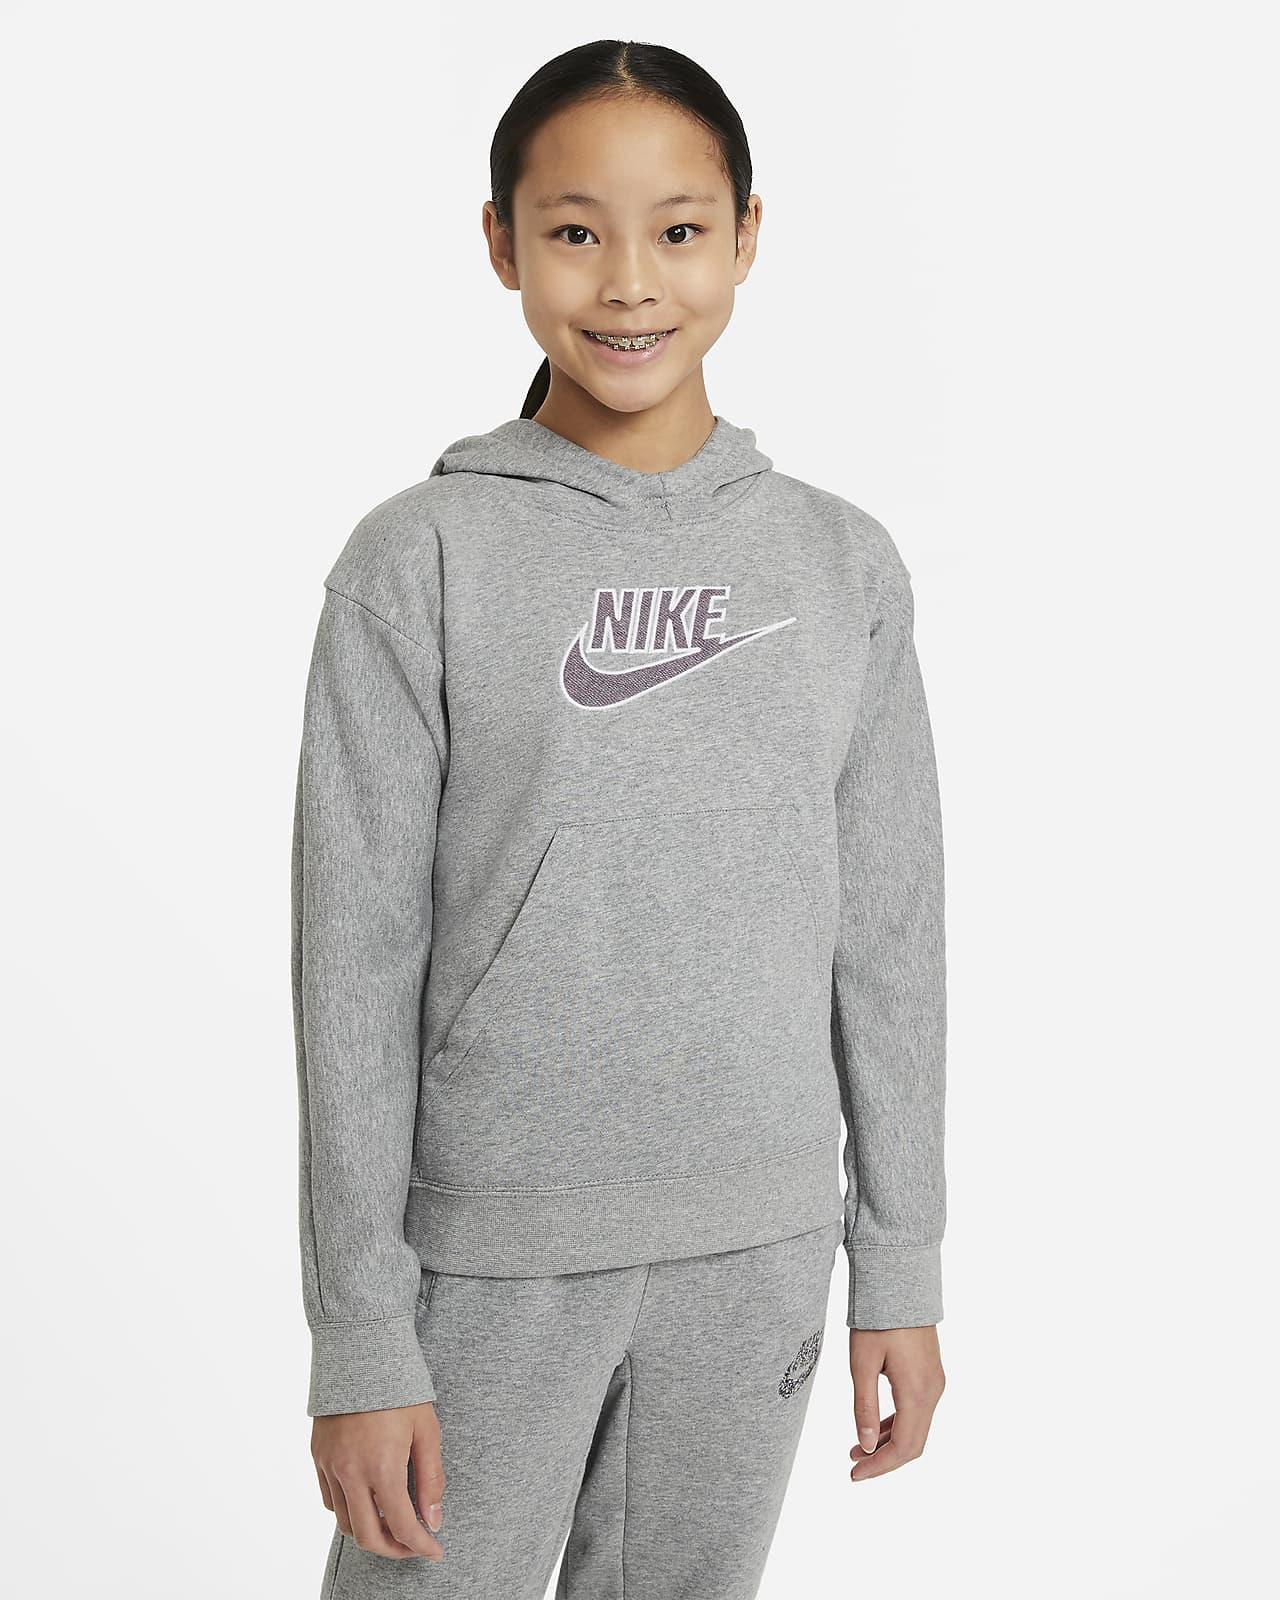 Μπλούζα με κουκούλα Nike Sportswear για μεγάλα παιδιά